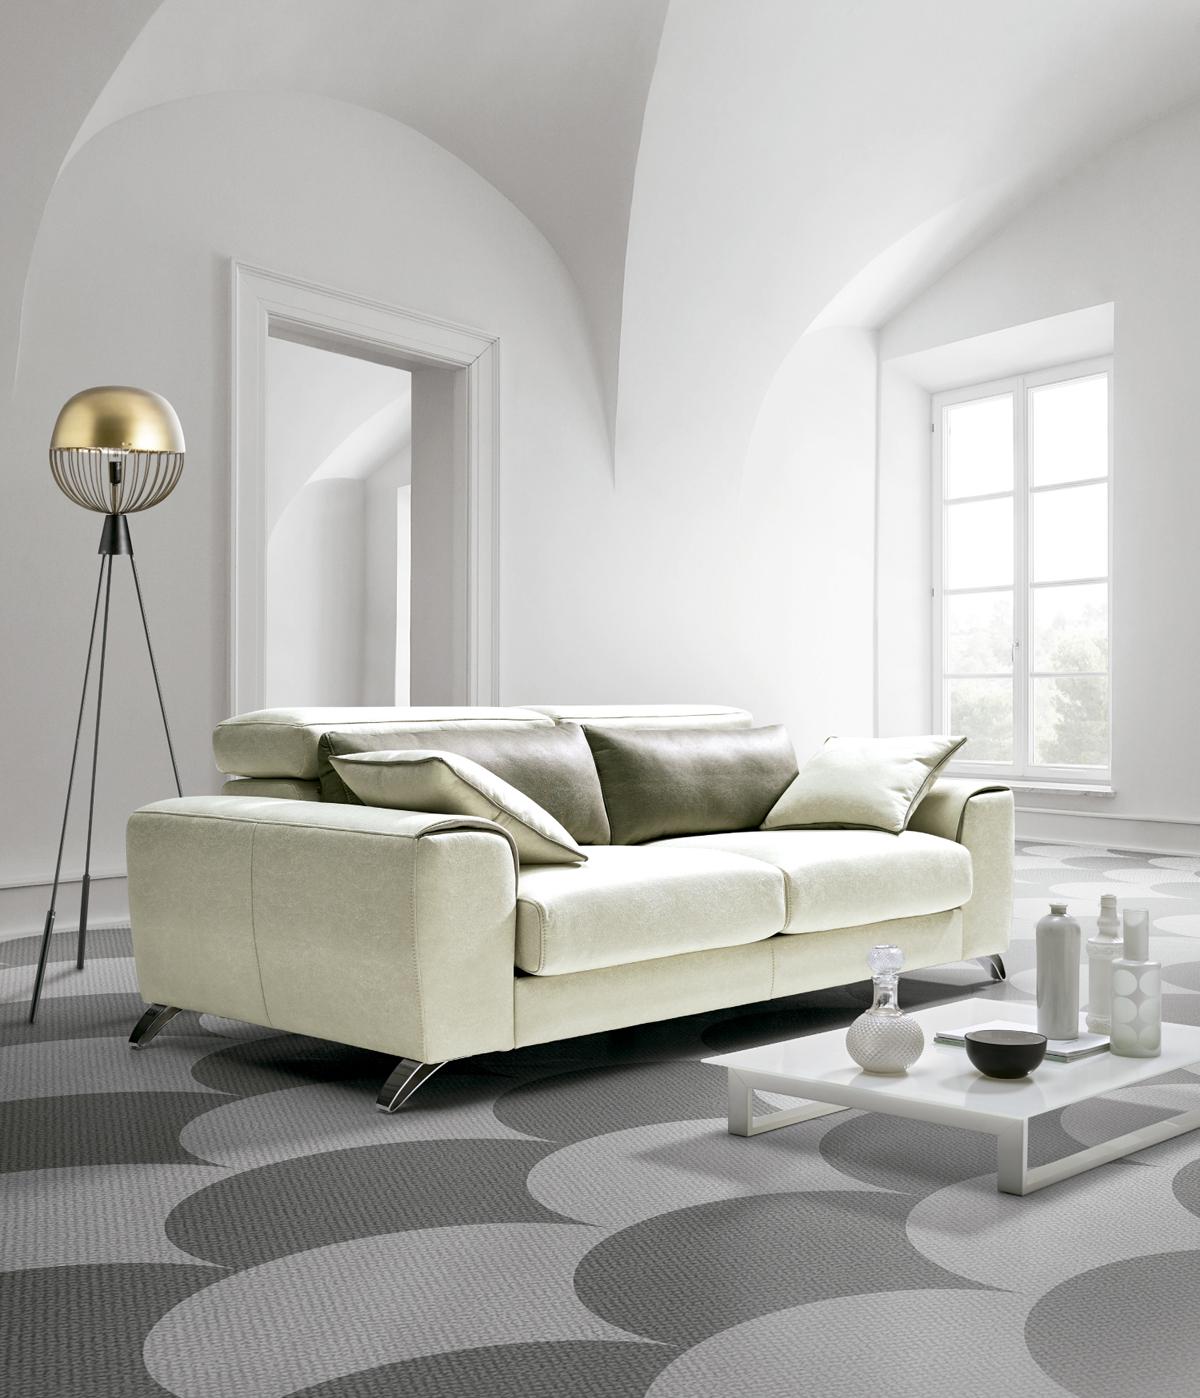 Sofa de dos plazas modelo detroy deslizable 1 76 m - Sofas de dos plazas ...